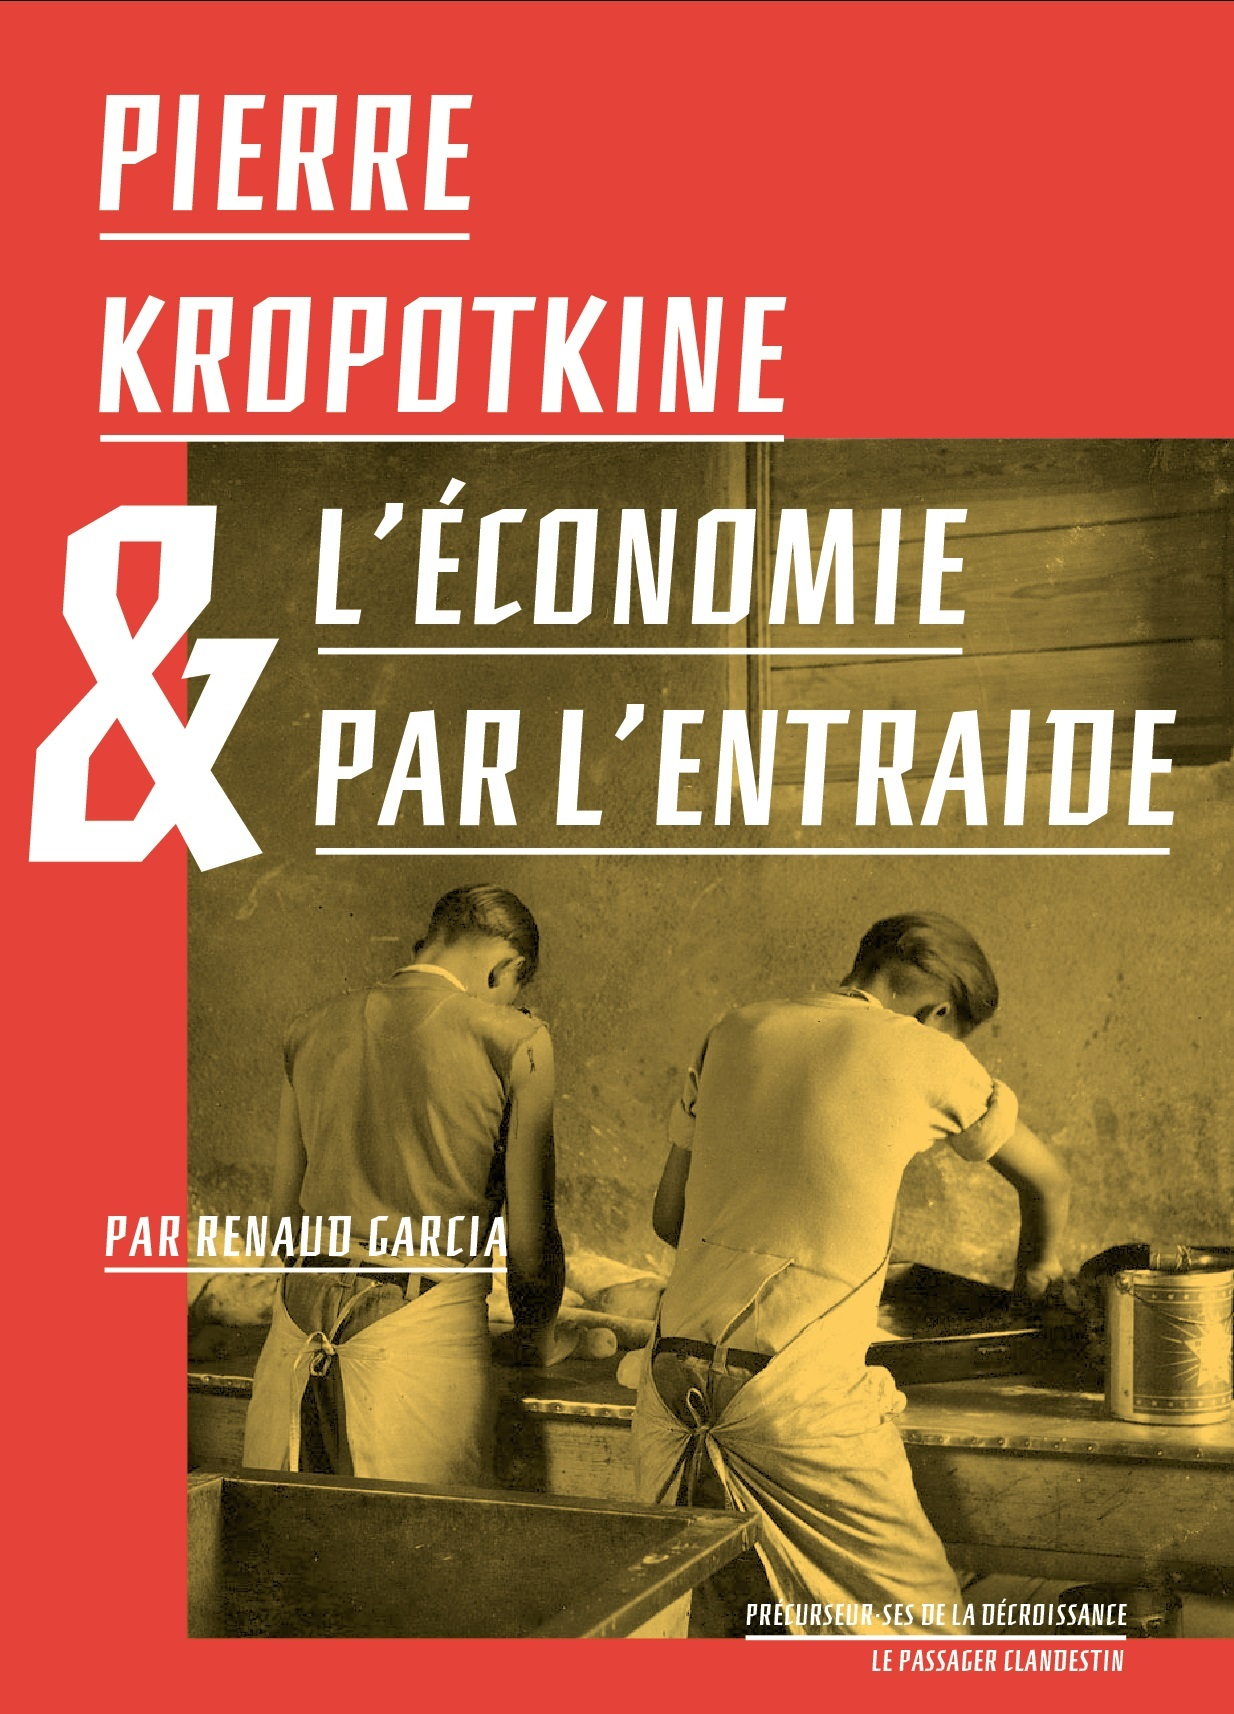 PIERRE KROPOTKINE ET L'ECONOMIE PAR L'ENTRAIDE